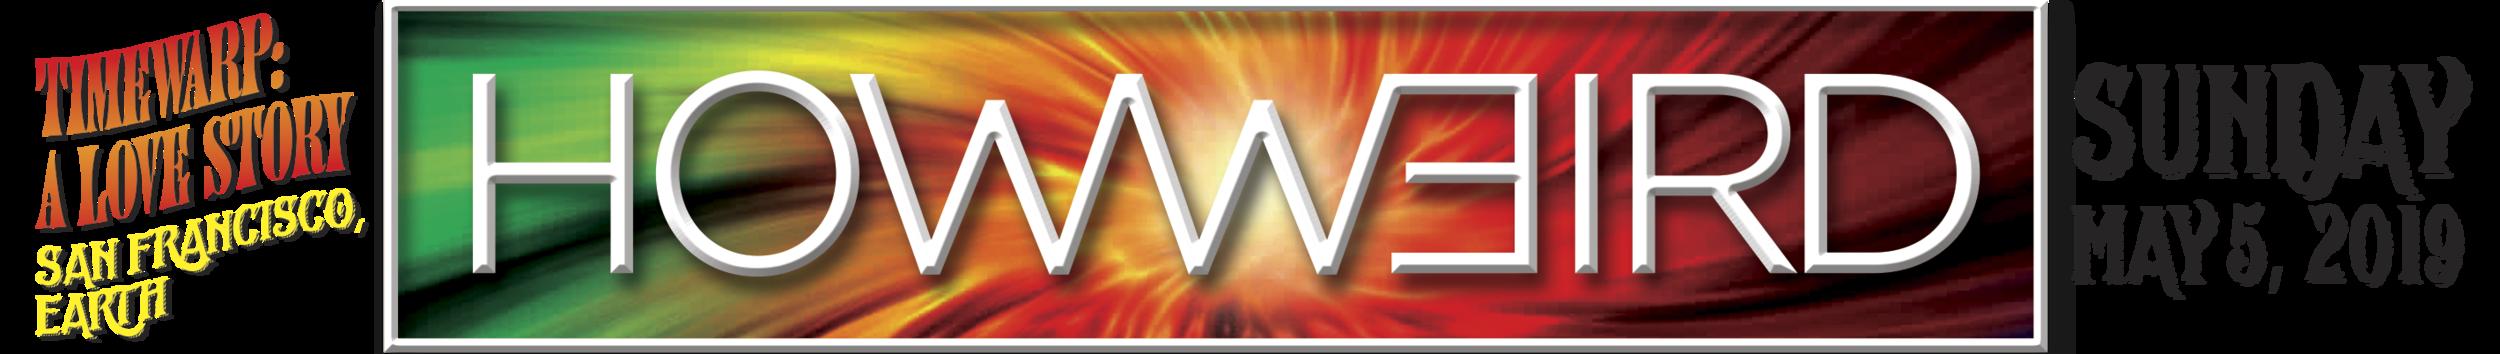 web-title-howweird2019A-1.png